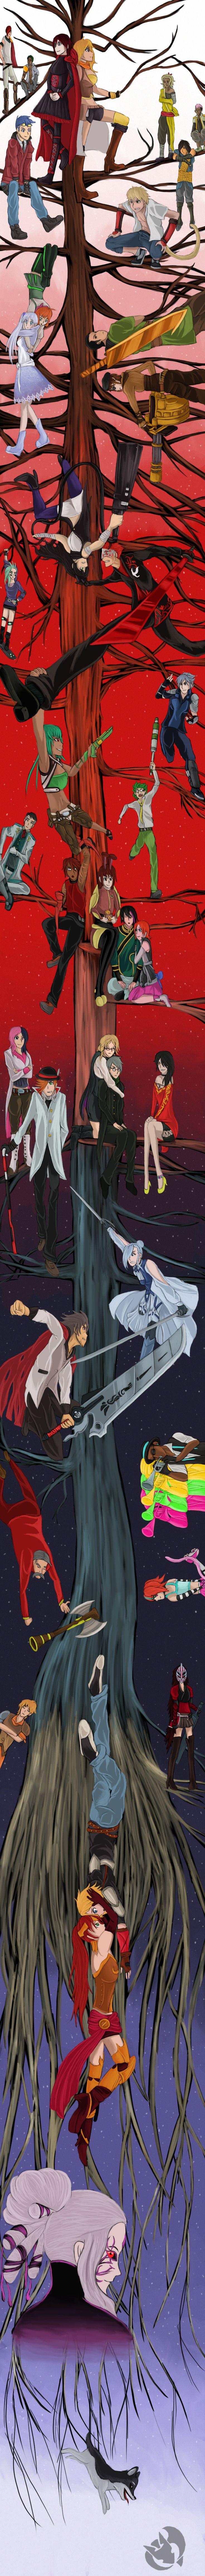 RWBYx2 by Kenisu-of-Dragons